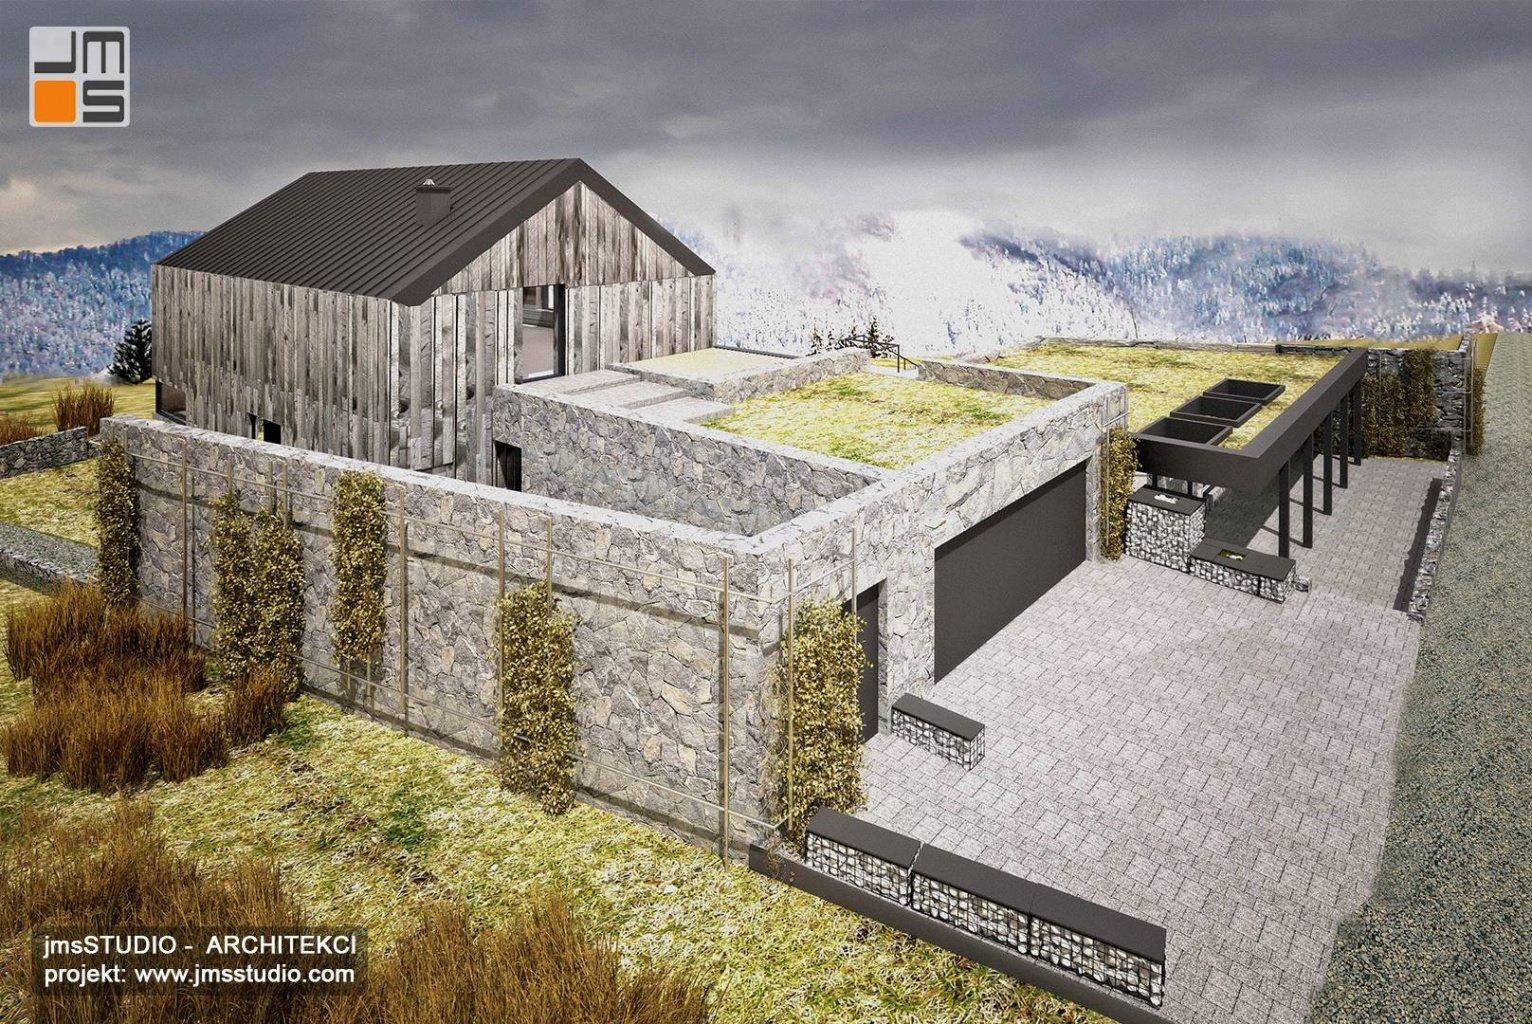 projekt domu na trudnej działce ze spadkiem skarpa - tarasowy budynek z drewno na elewacji skandynawskiej Nowy Targ